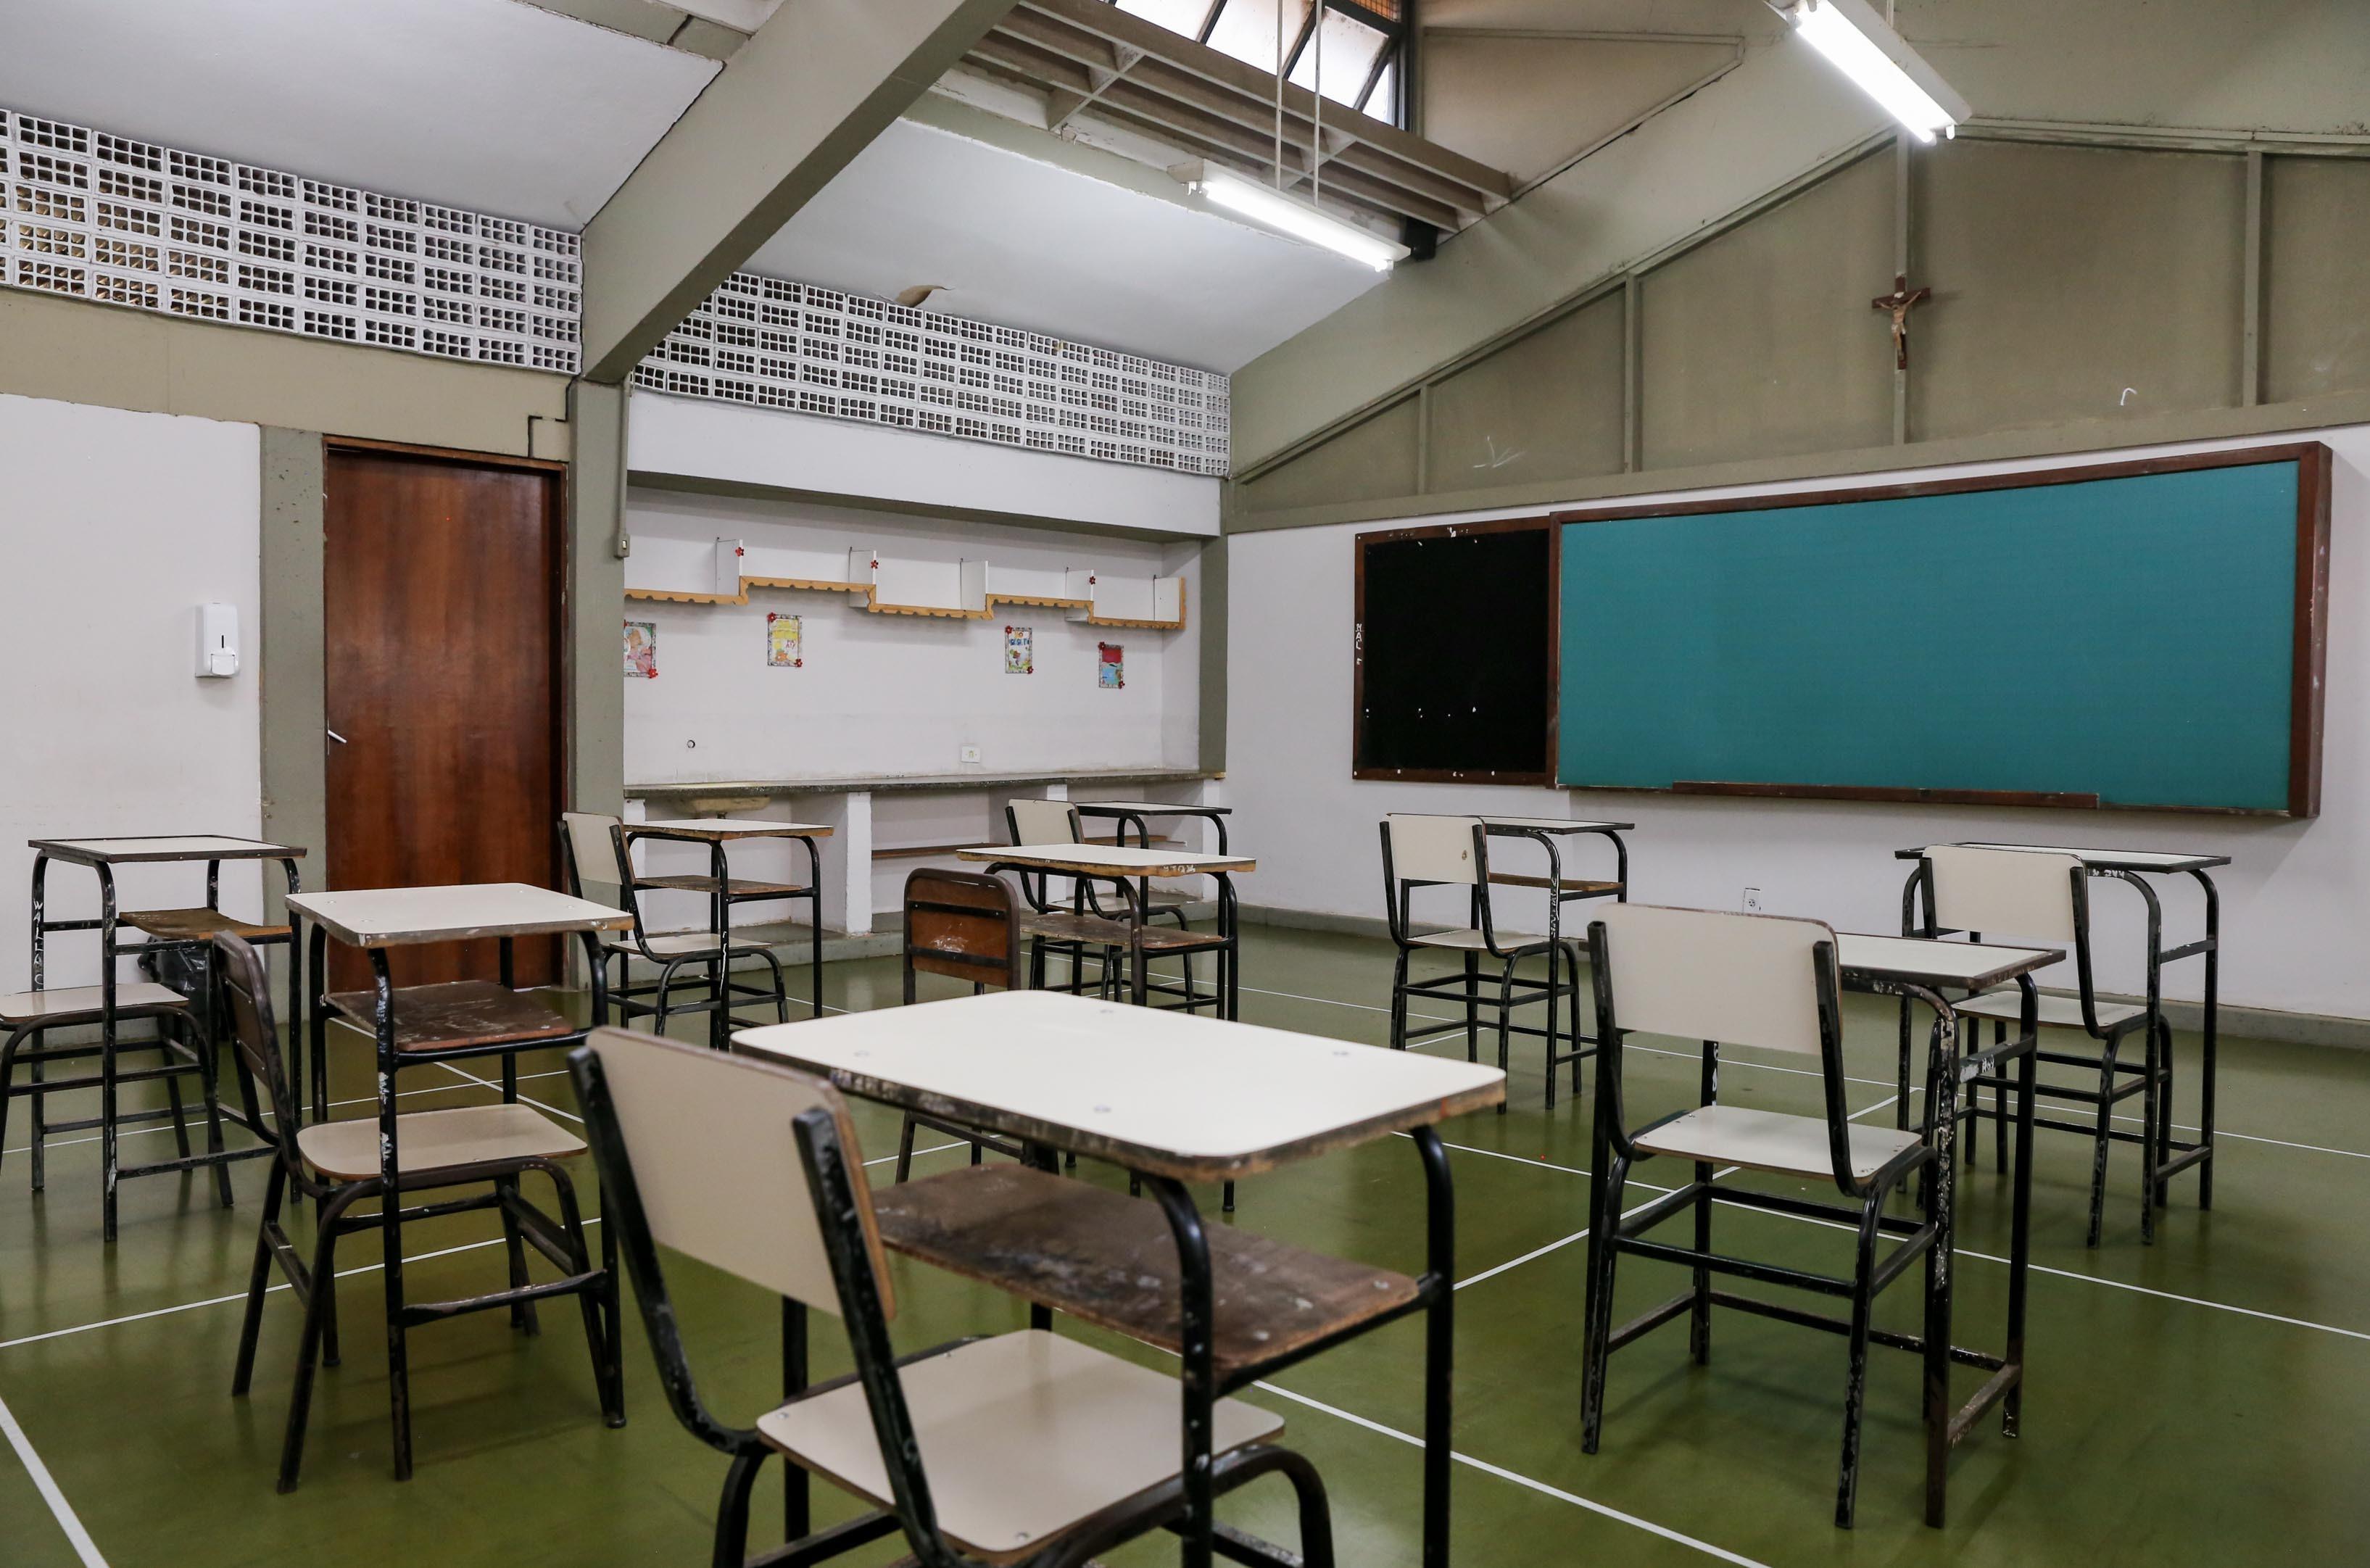 Escolas iniciam segundo semestre com mais aulas presenciais a partir desta segunda-feira em BH